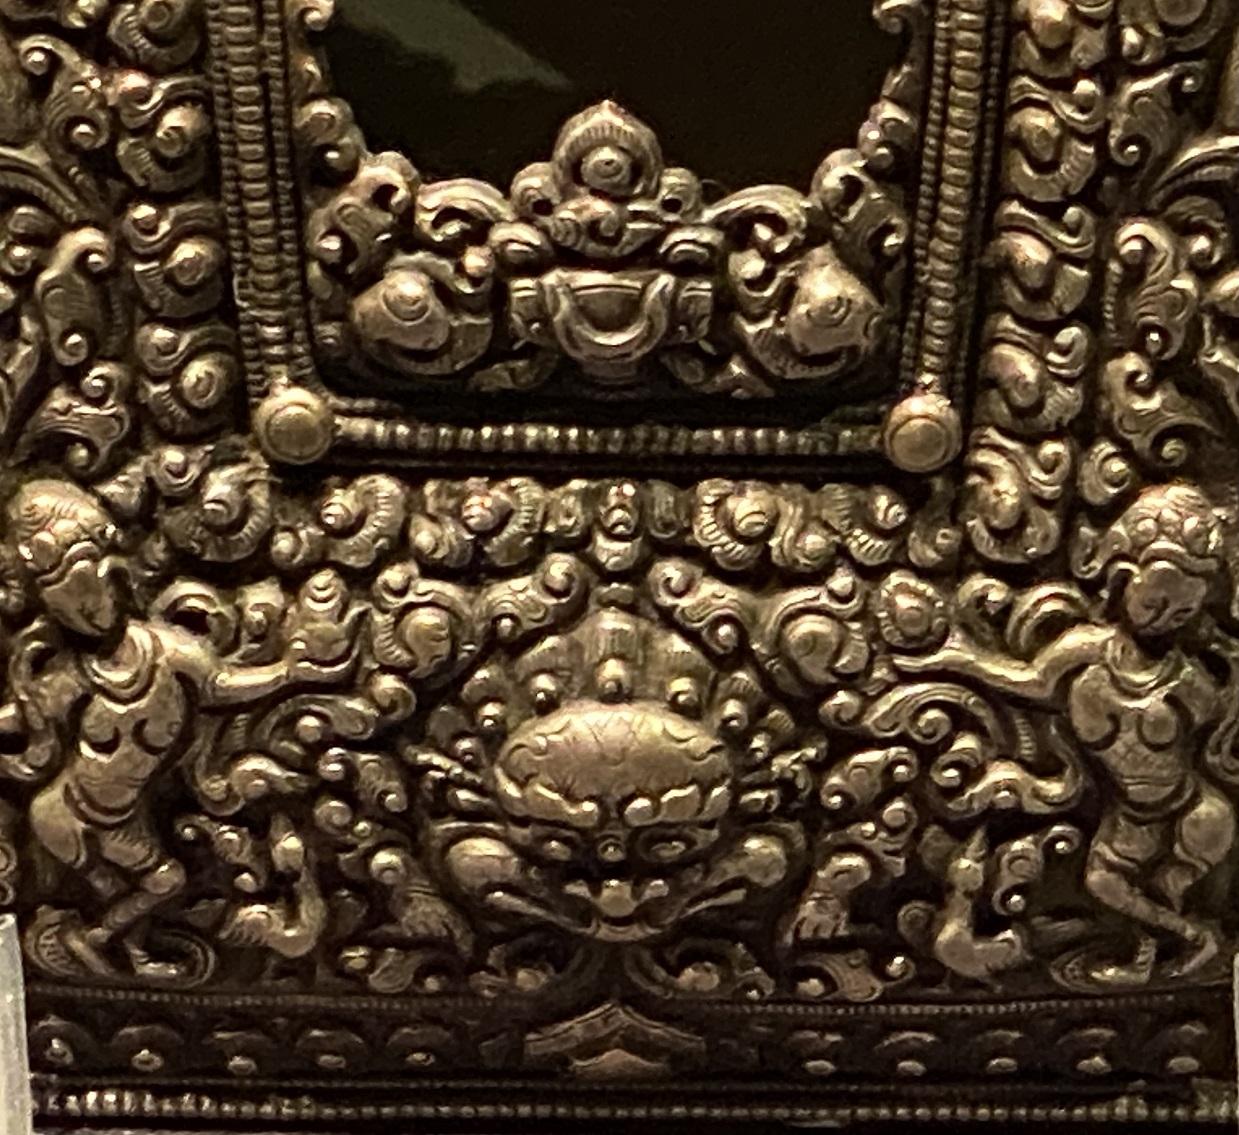 銀双龍紋仏龕式嘎嗚-特別展【七宝玲瓏-ヒマラヤからの芸術珍品】-金沙遺跡博物館-成都